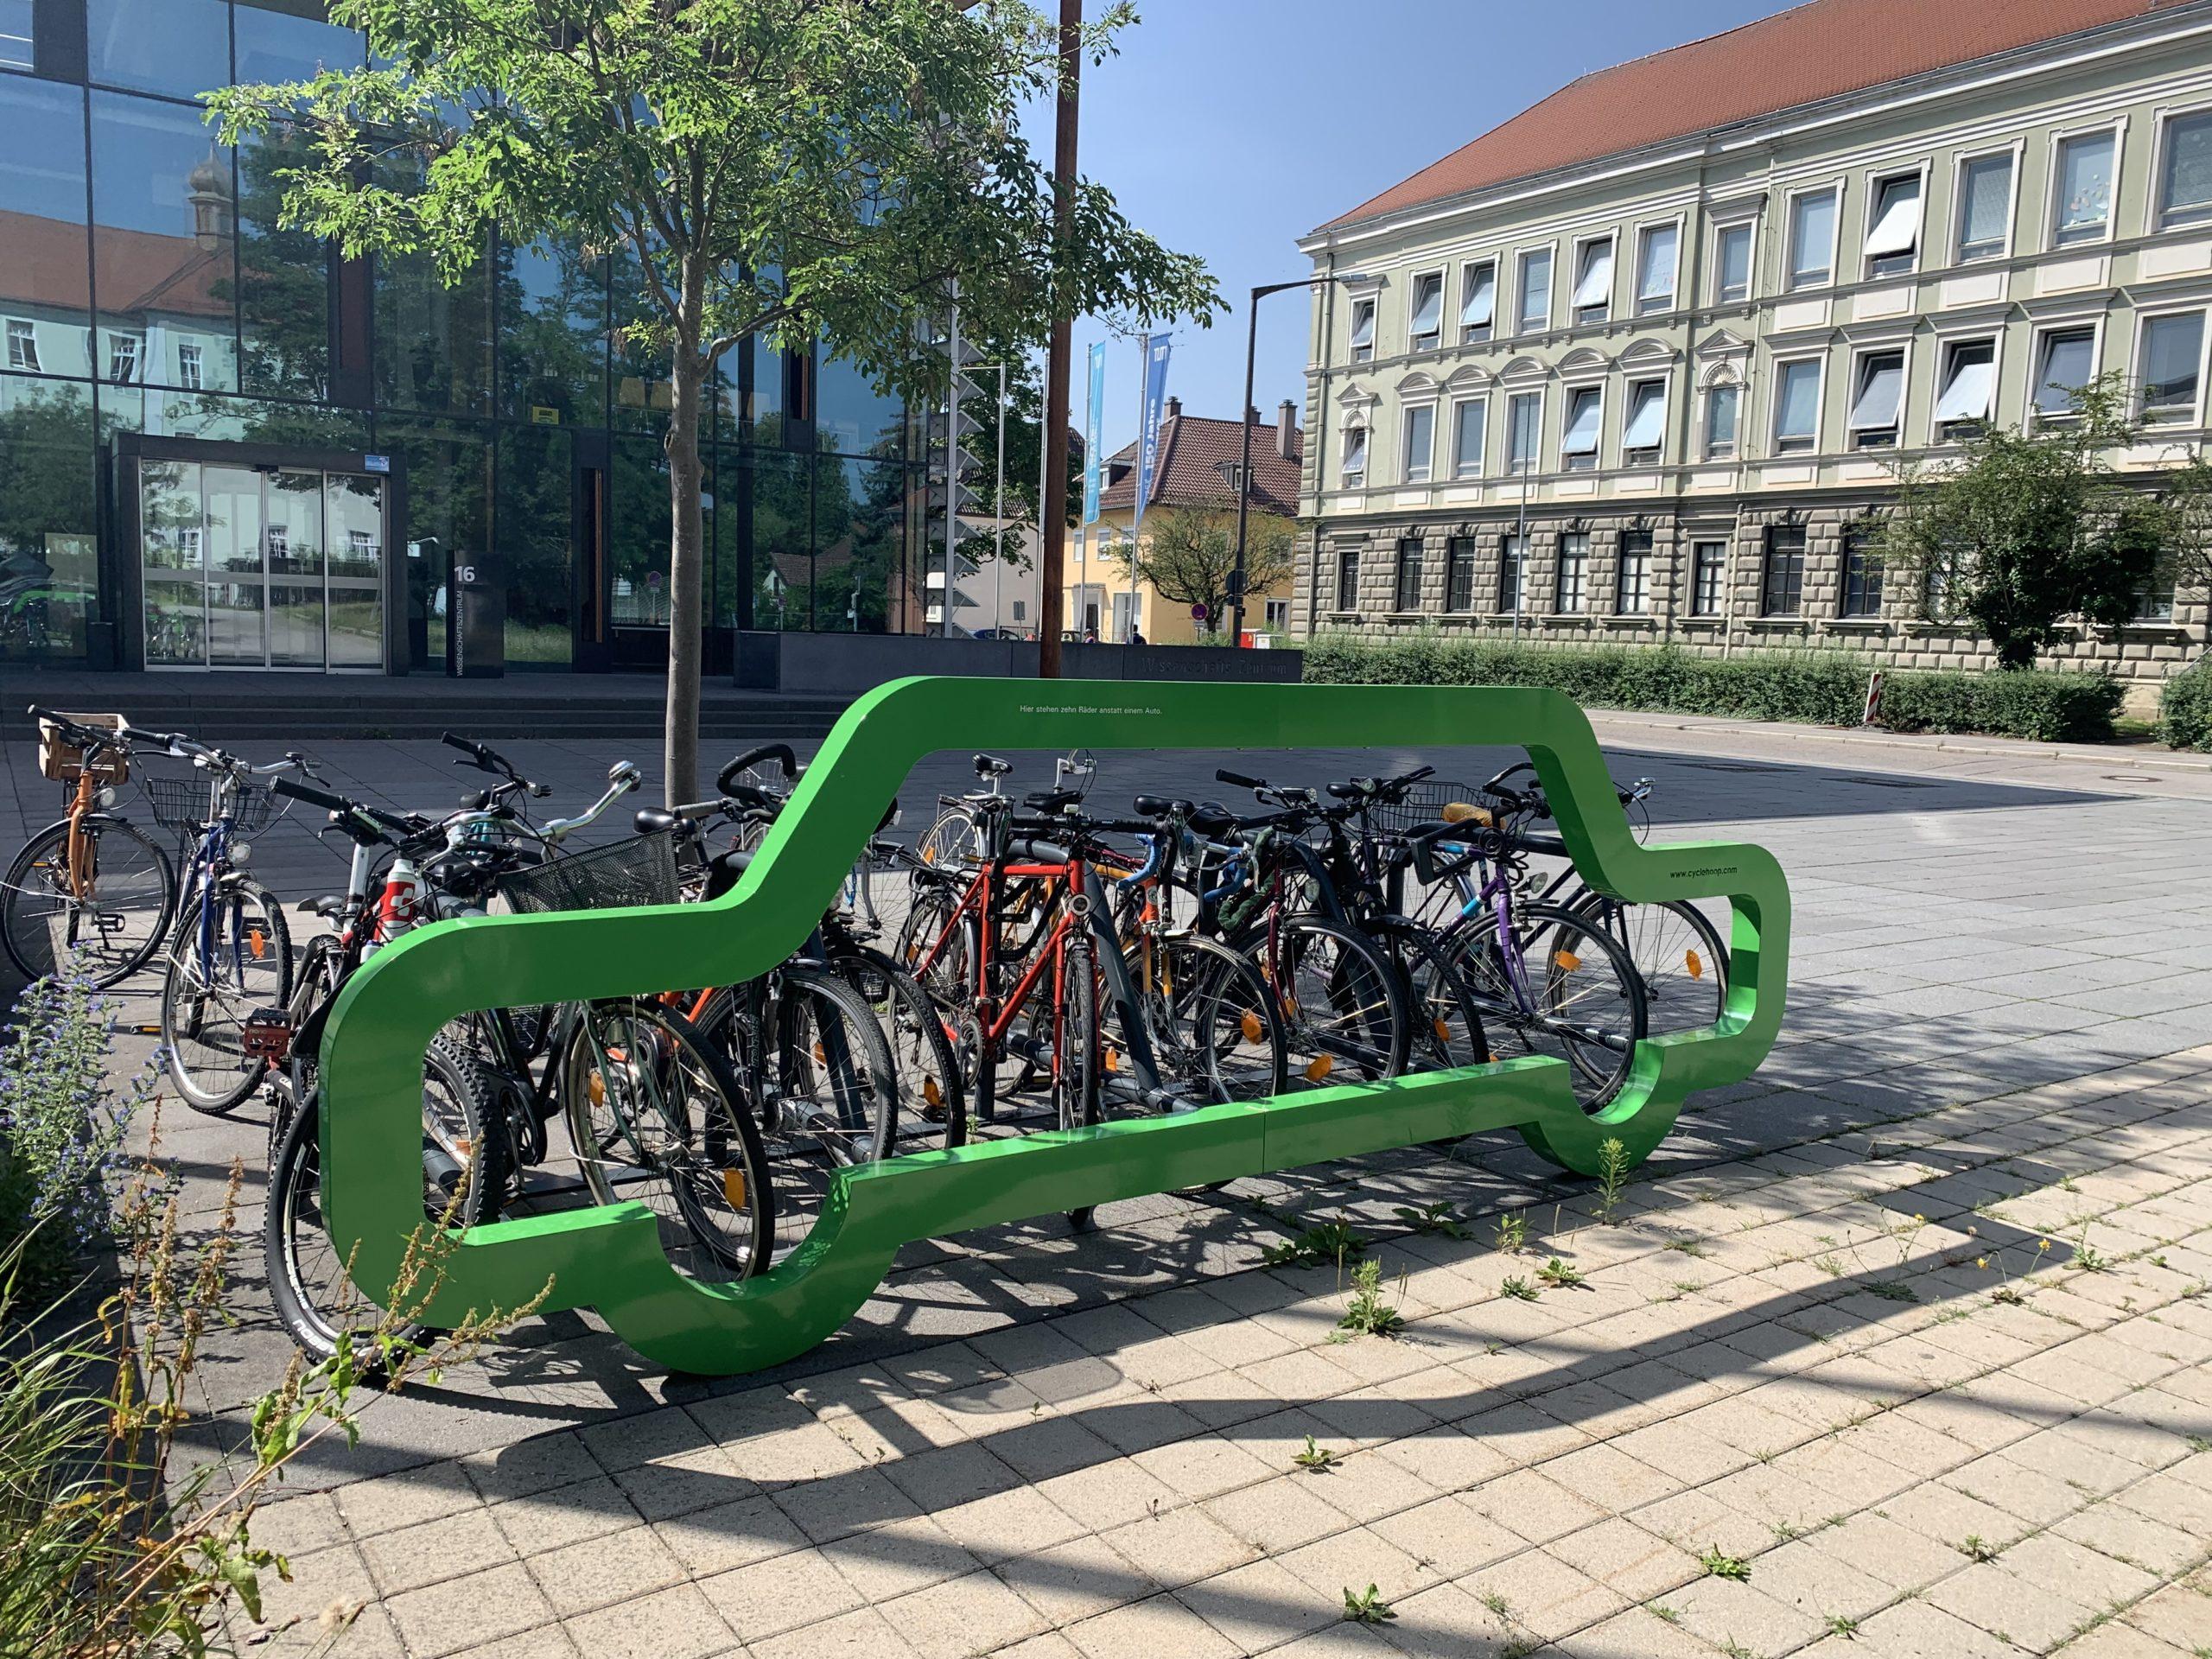 Fahrradständer in Form eines Autos